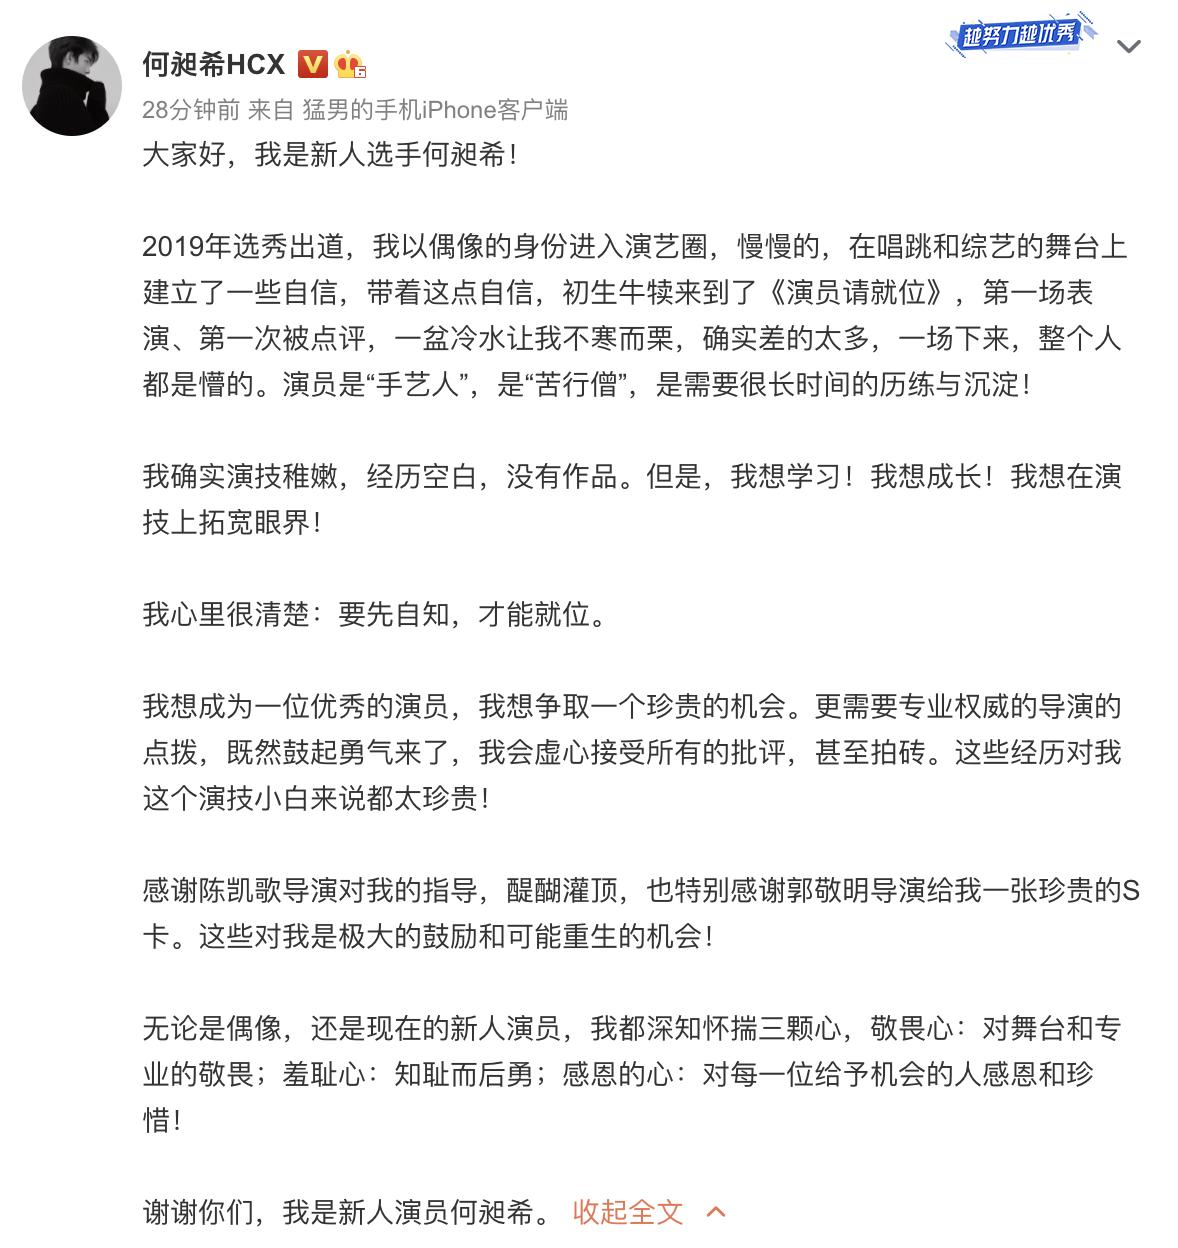 《演员请就位2》何昶希回应演技争议:会虚心接受所有批评图片